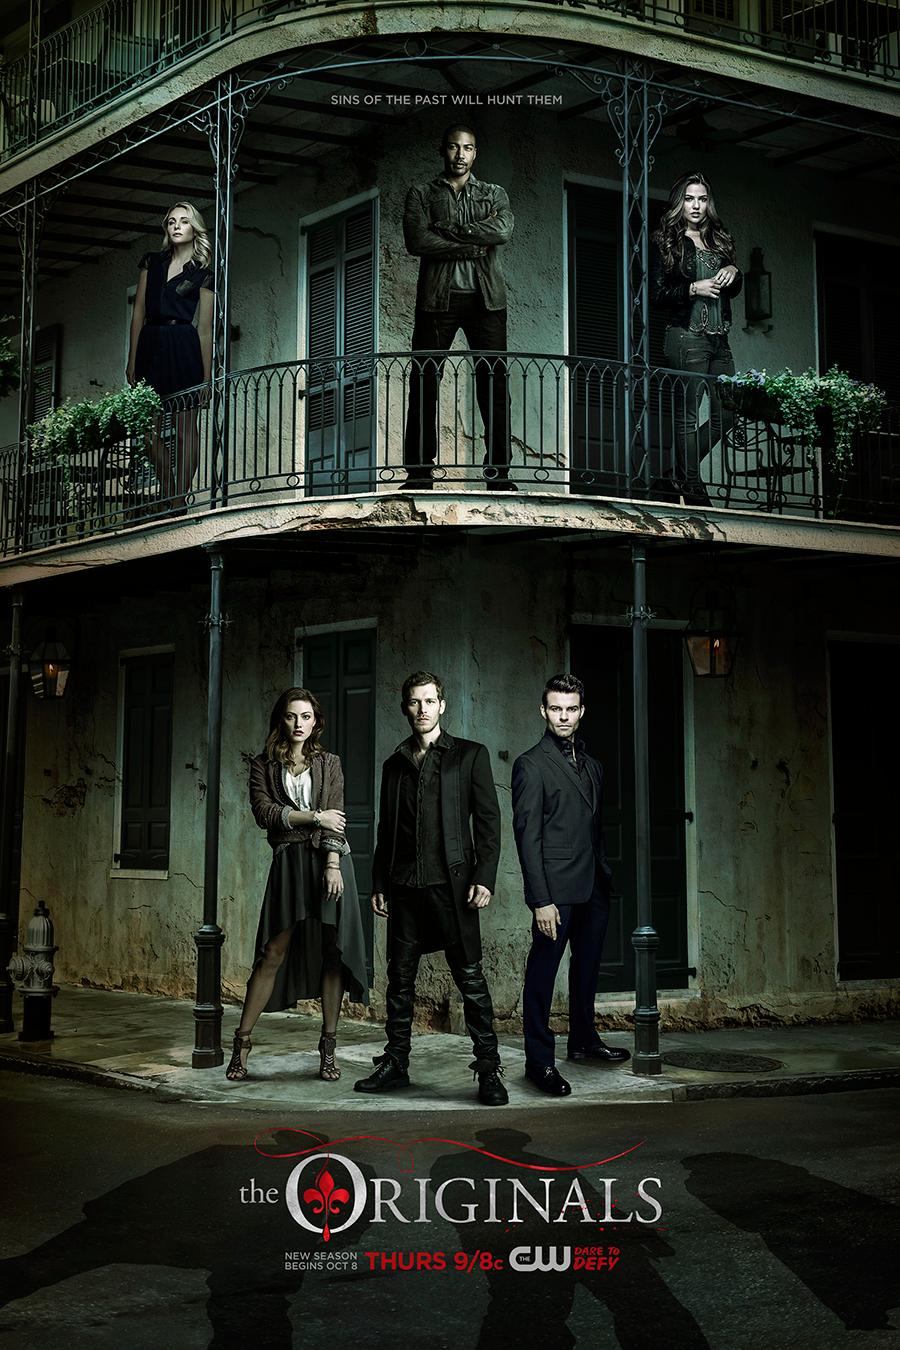 The Originals On The Originals Tv Show Vampire Diaries Seasons Vampire Diaries The Originals